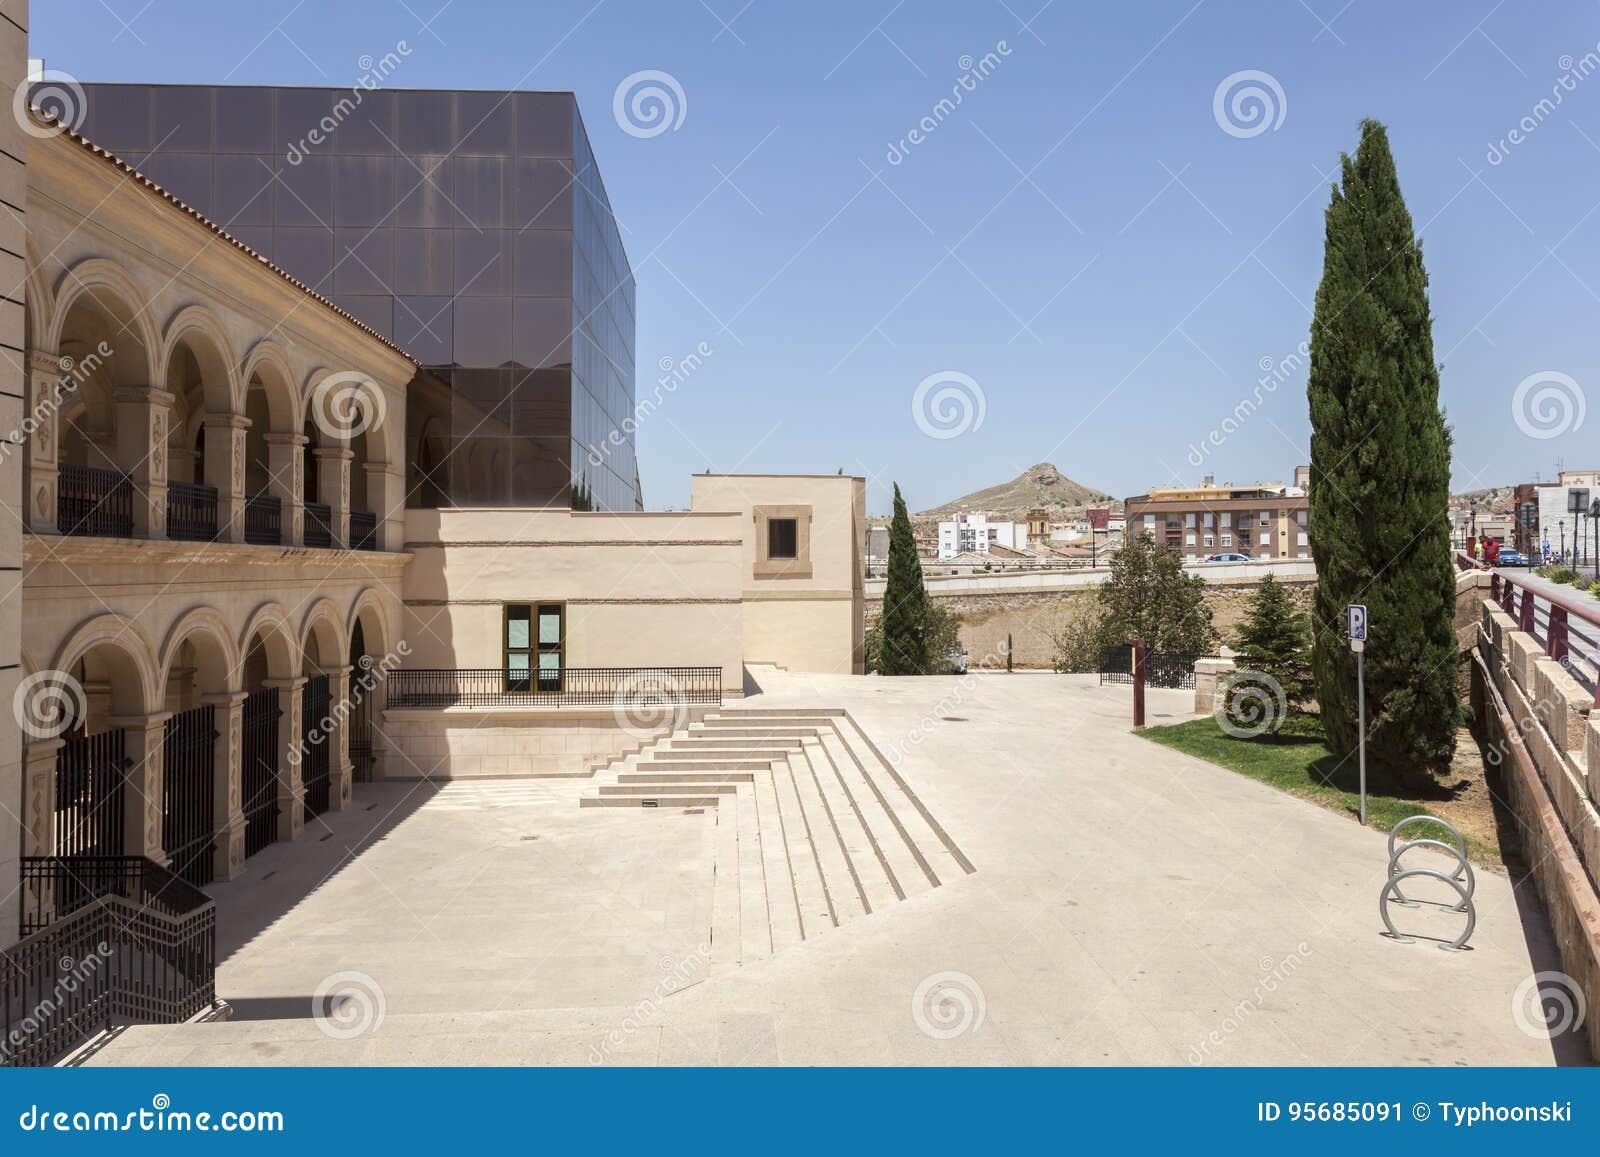 Construção histórica do convento em Lorca, Espanha